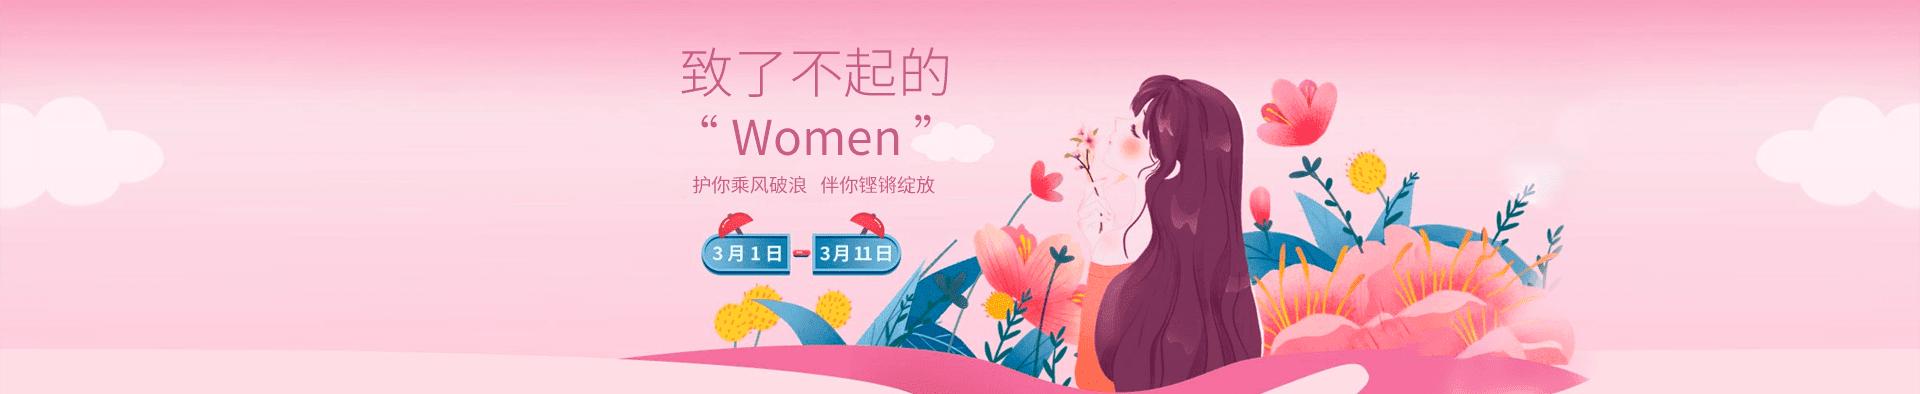 致了不起的'Women'